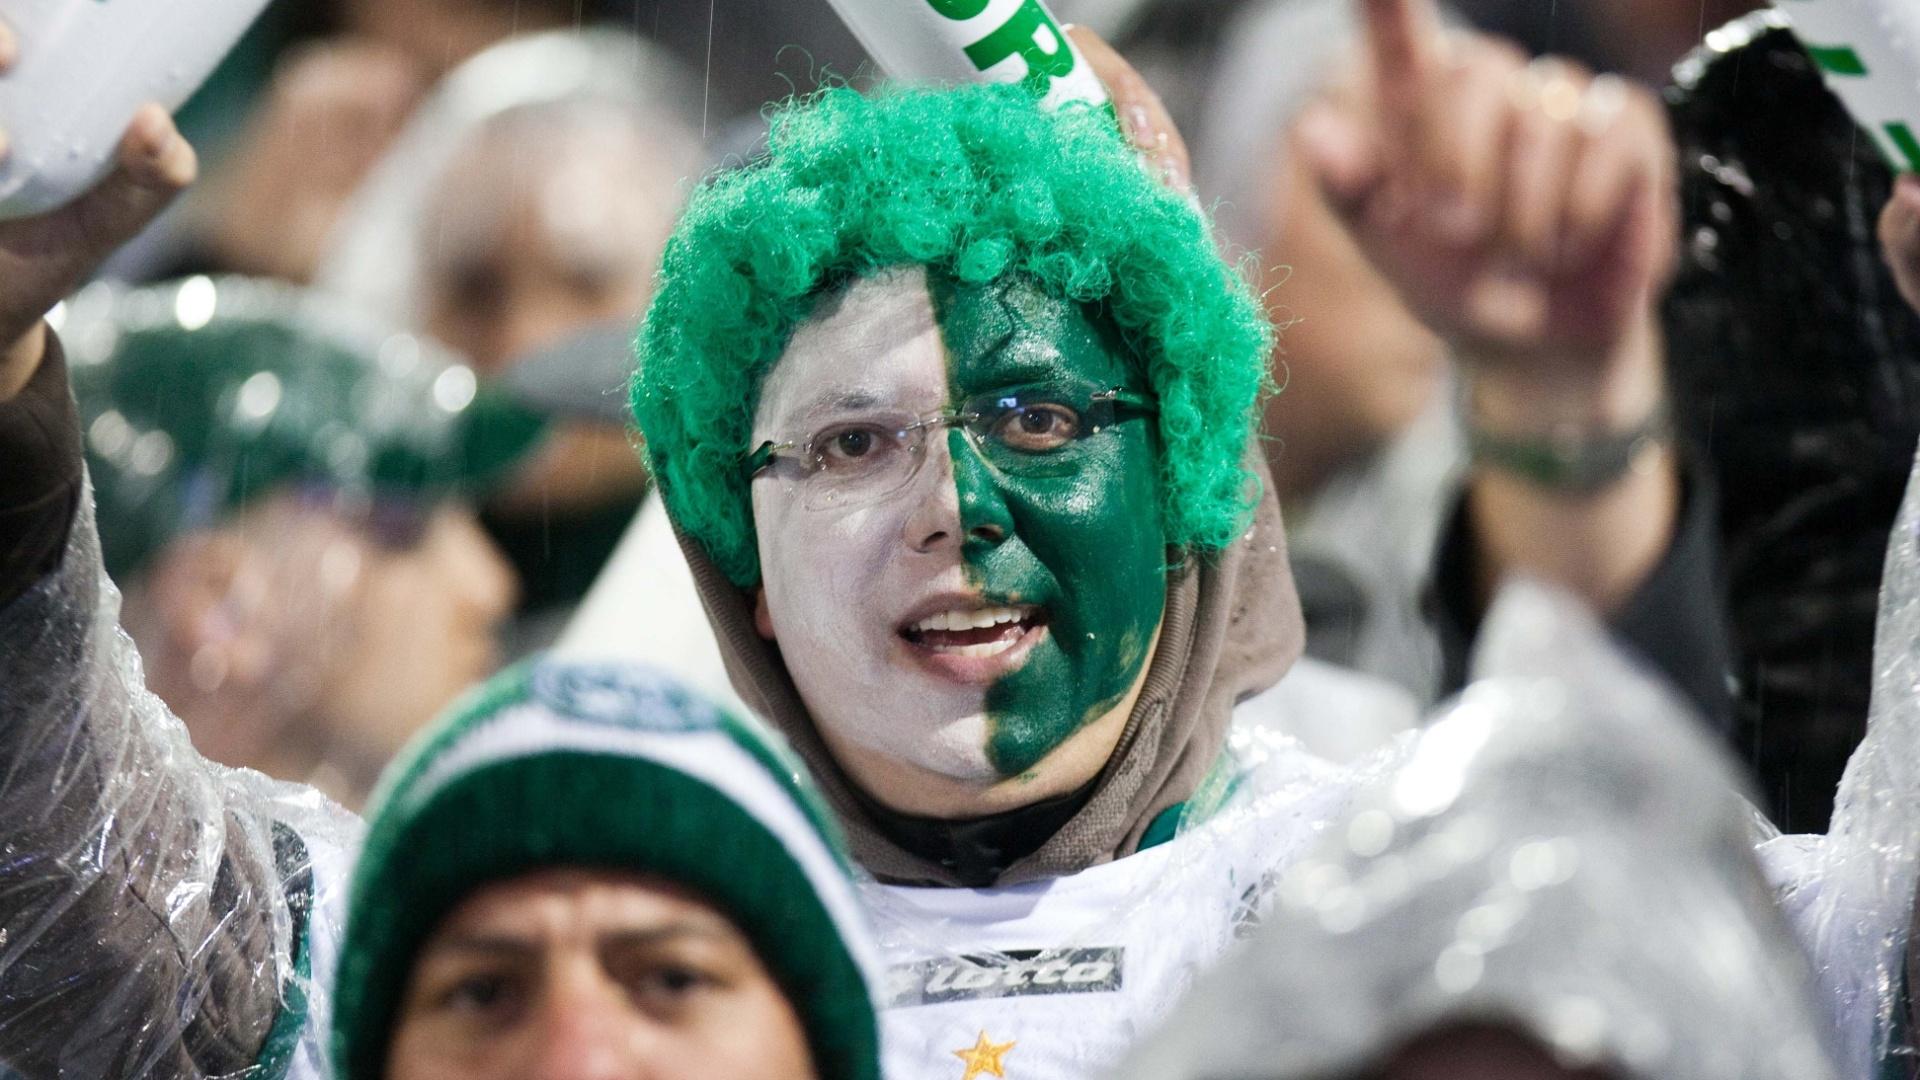 Torcedor do Coritiba caprichou no visual para acompanhar a decisão da Copa do Brasil contra o Palmeiras